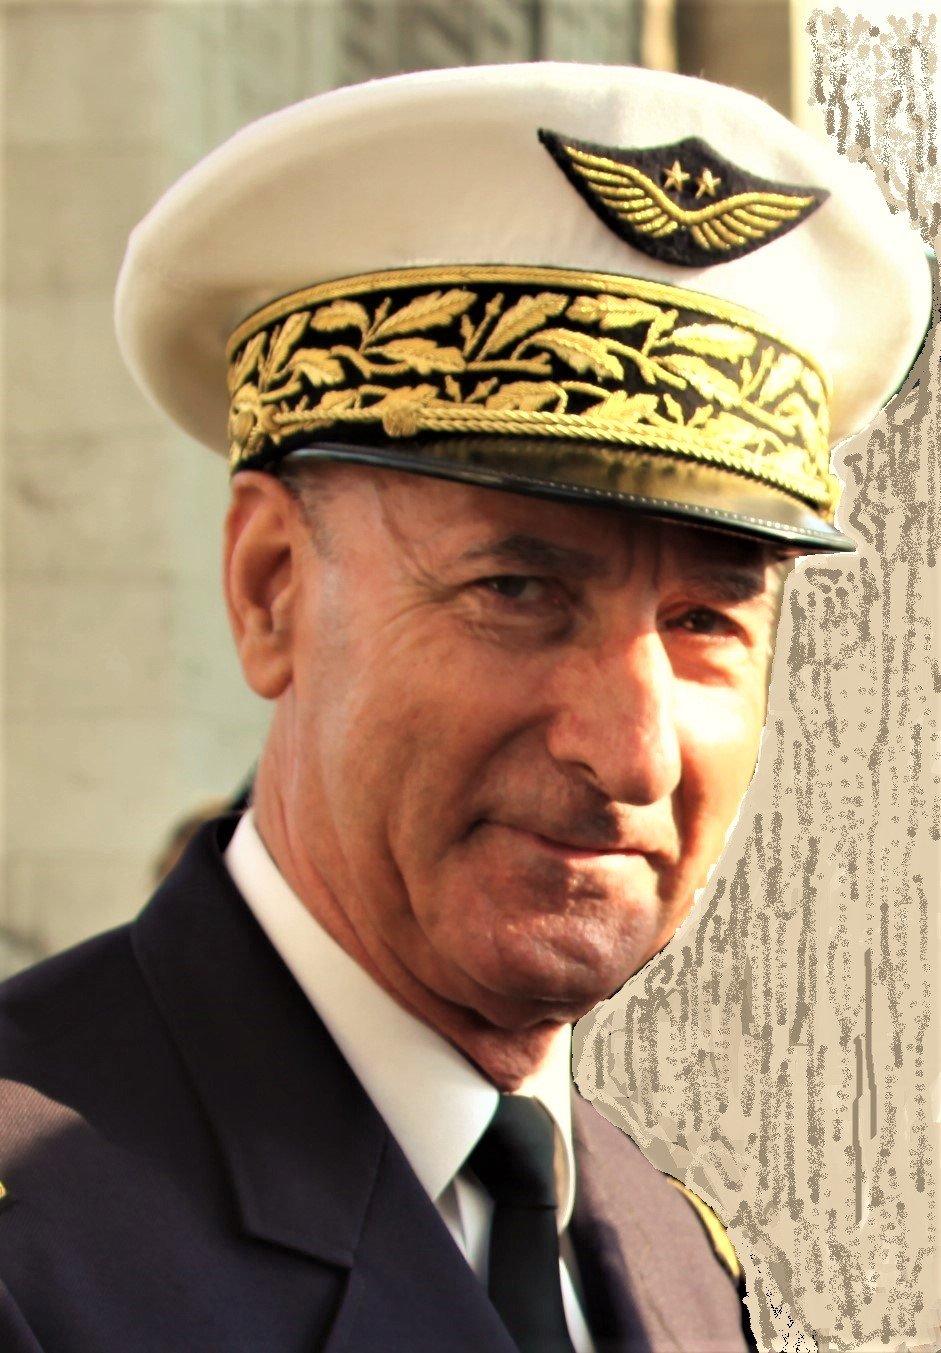 COMMUNIQUÉ DU GÉNÉRAL MARTINEZ (candidat à la Présidence de la République)